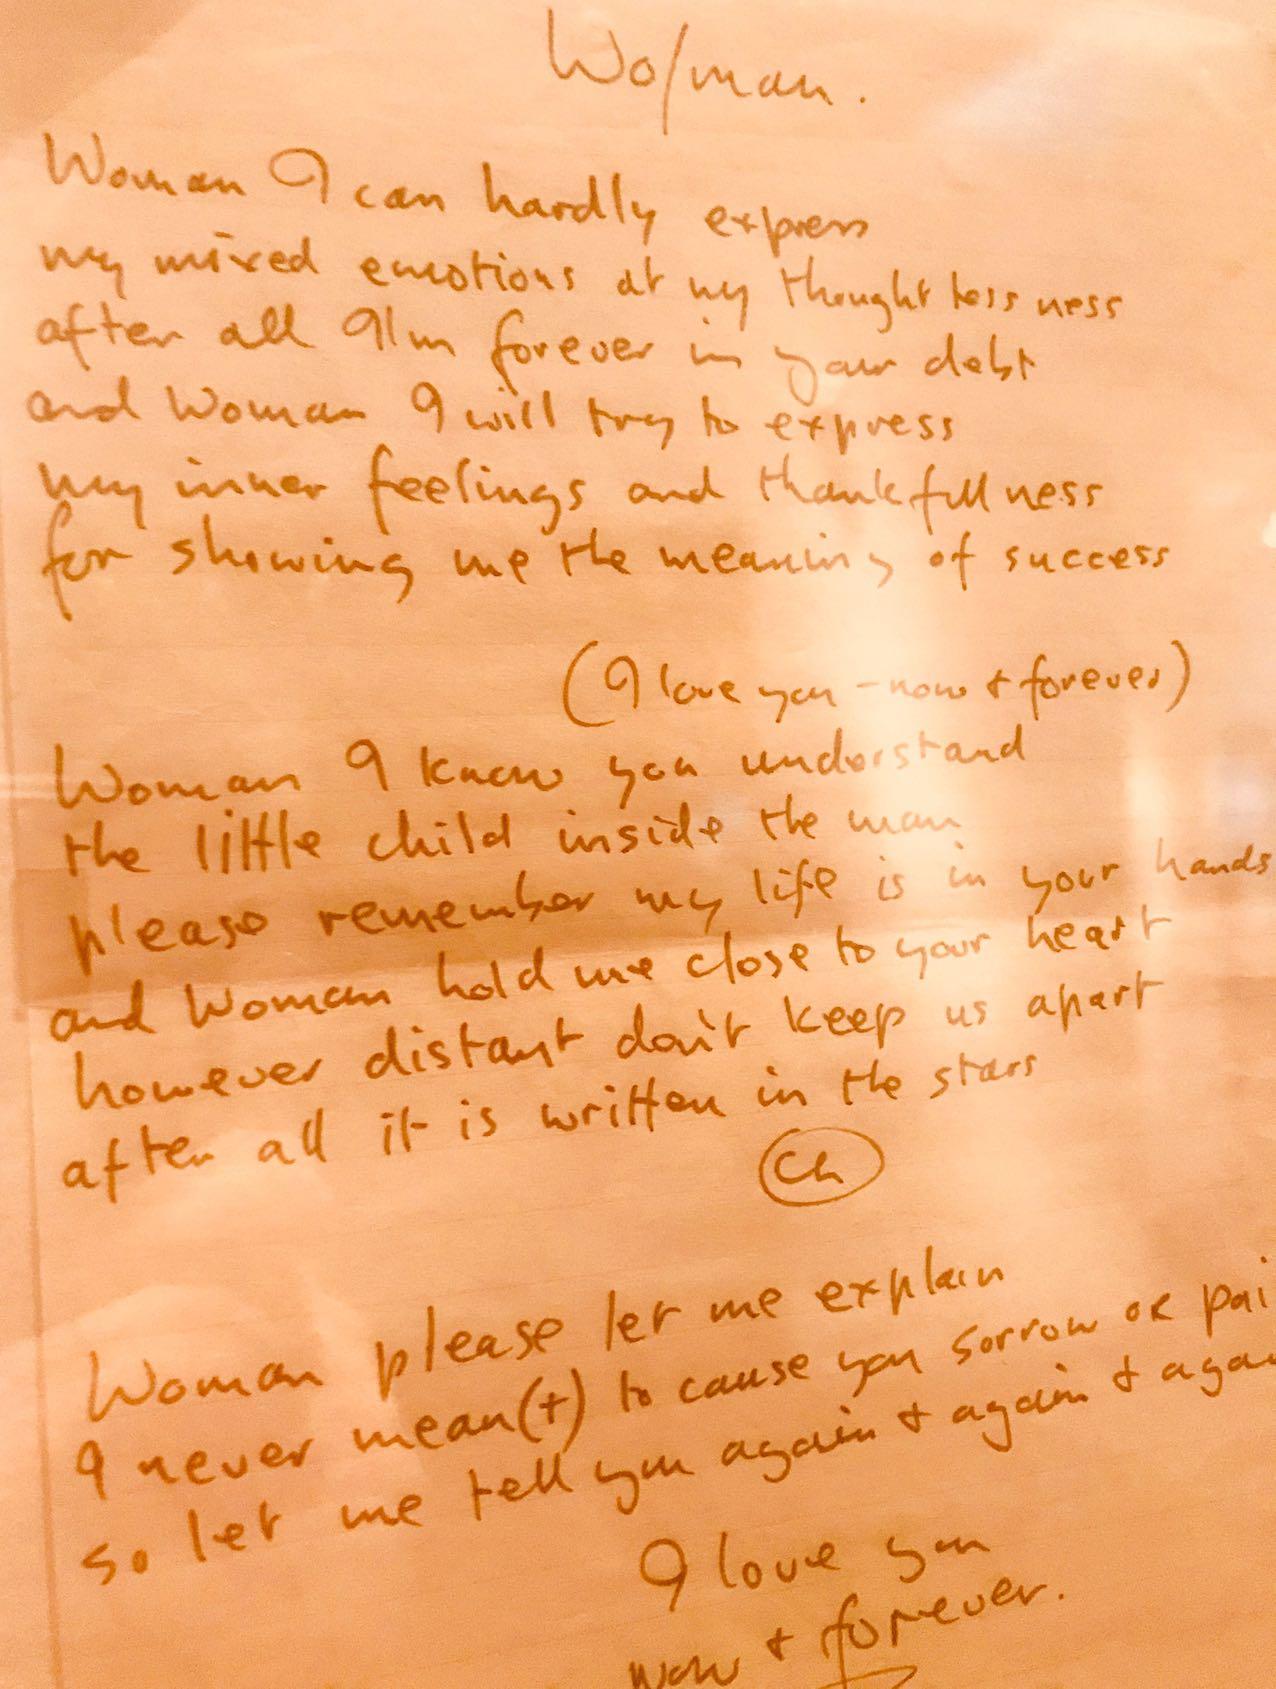 John Lennon's handwritten lyrics to Woman